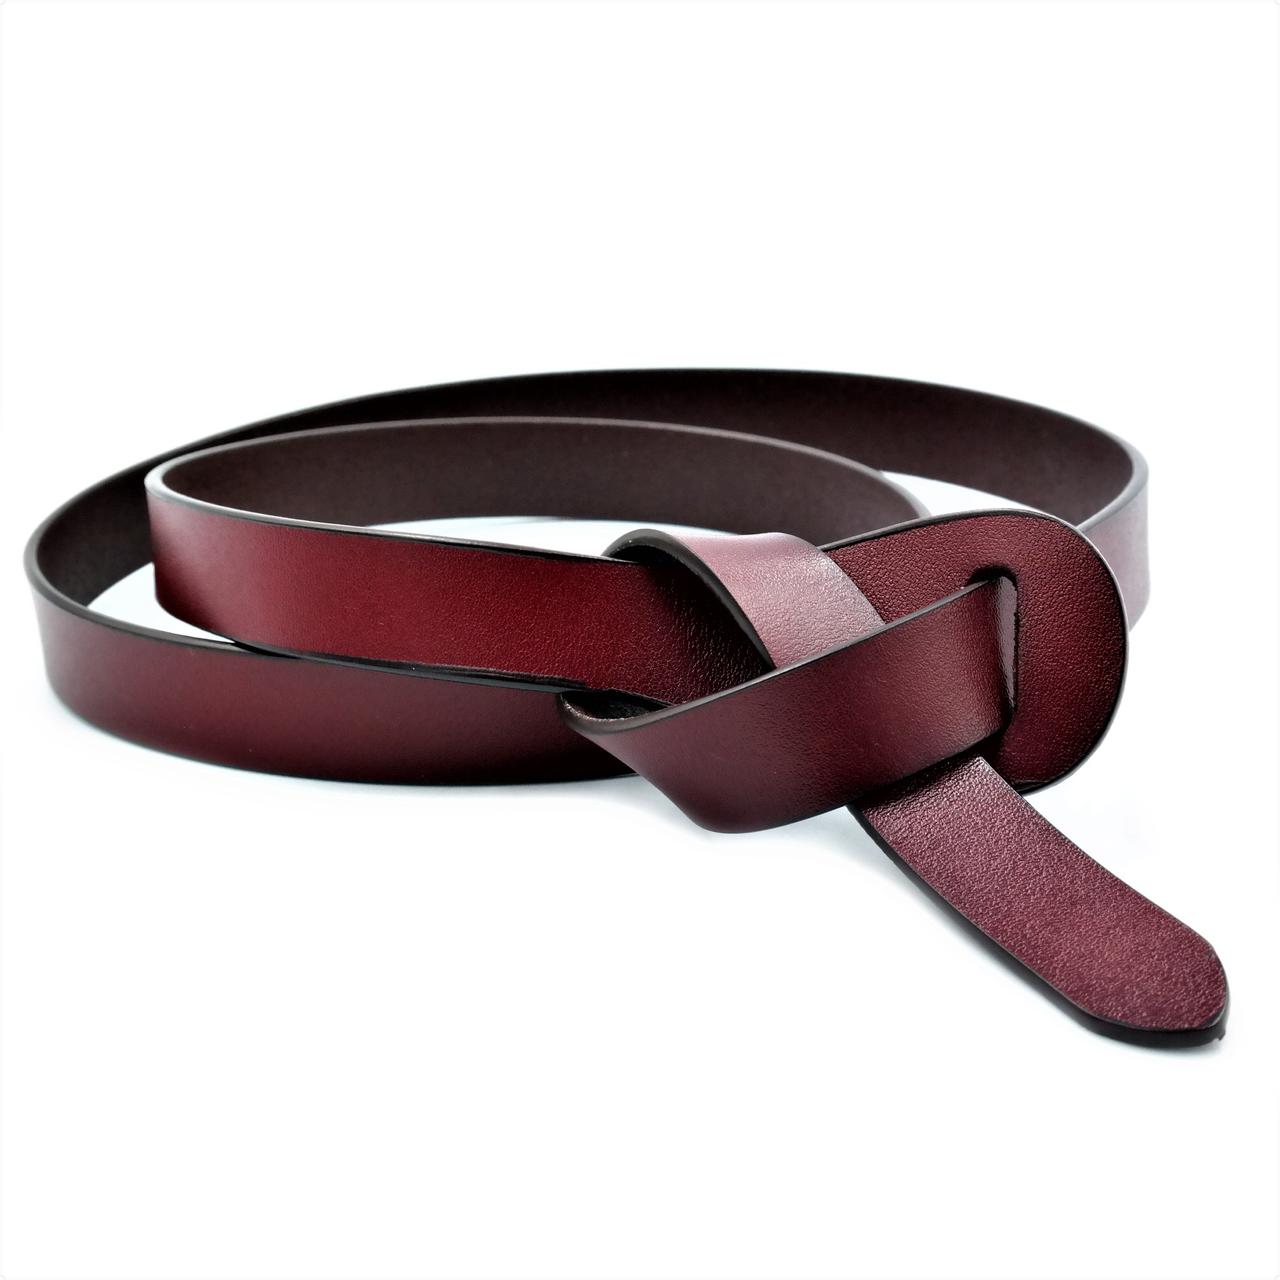 Ремень женский кожаный 100-110 см Марсала (nw-2k-0006)